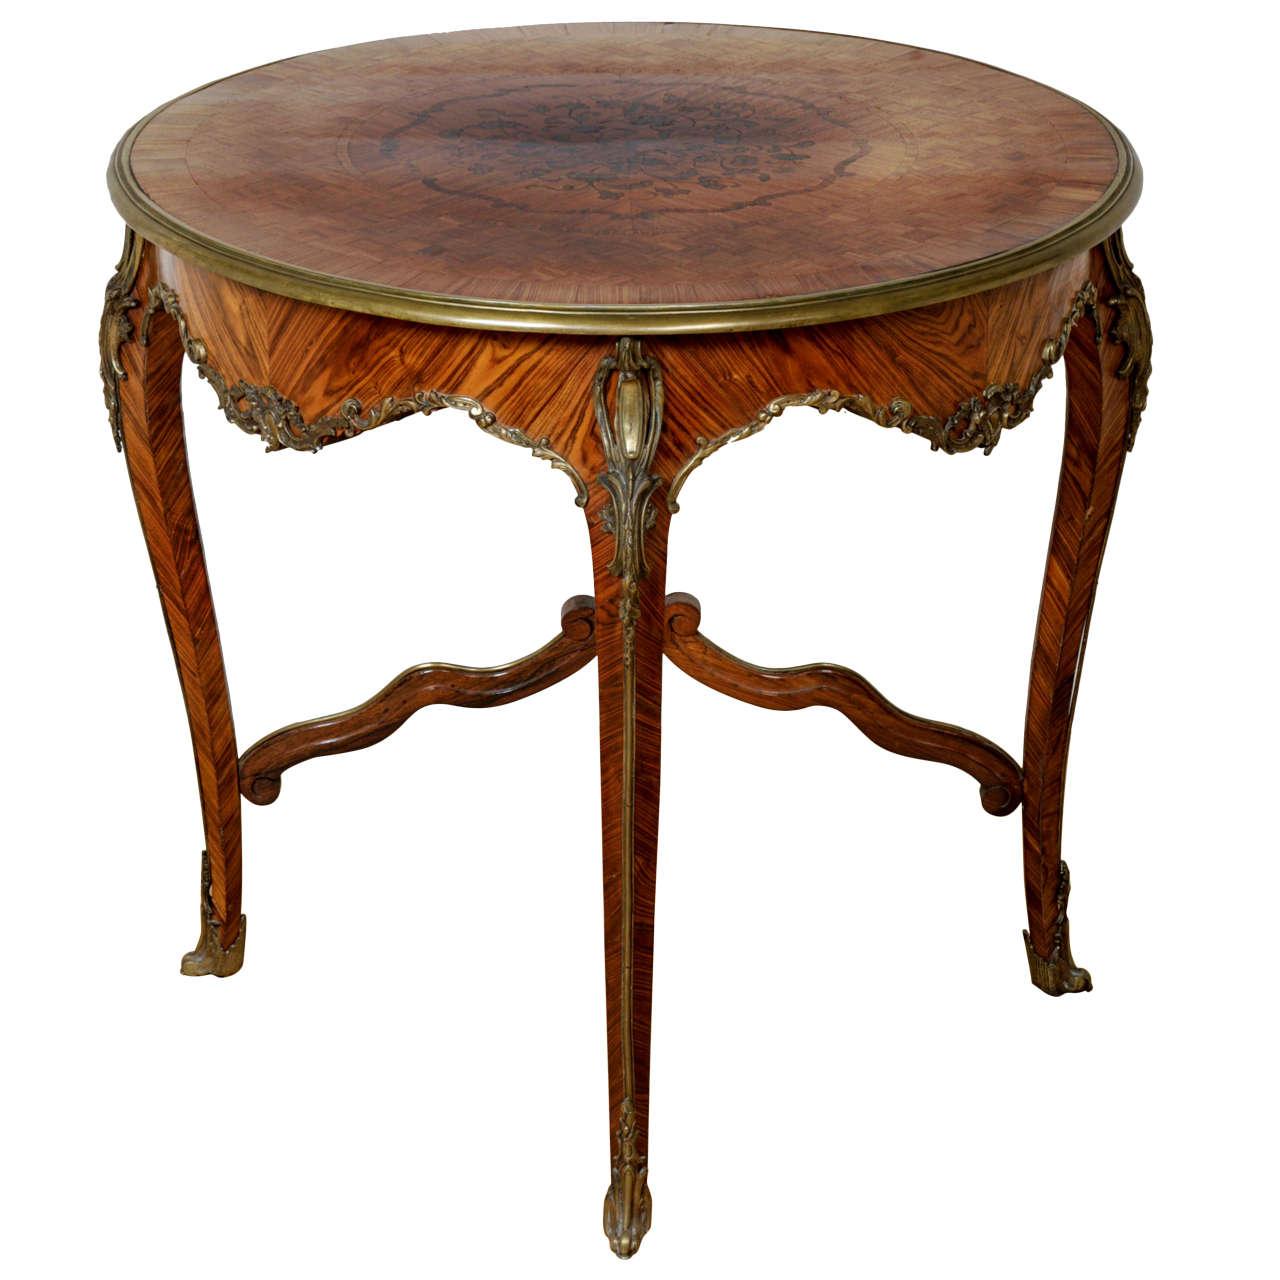 Louis XV Style Ormolu-Mounted Parquetry Circular Centre Table